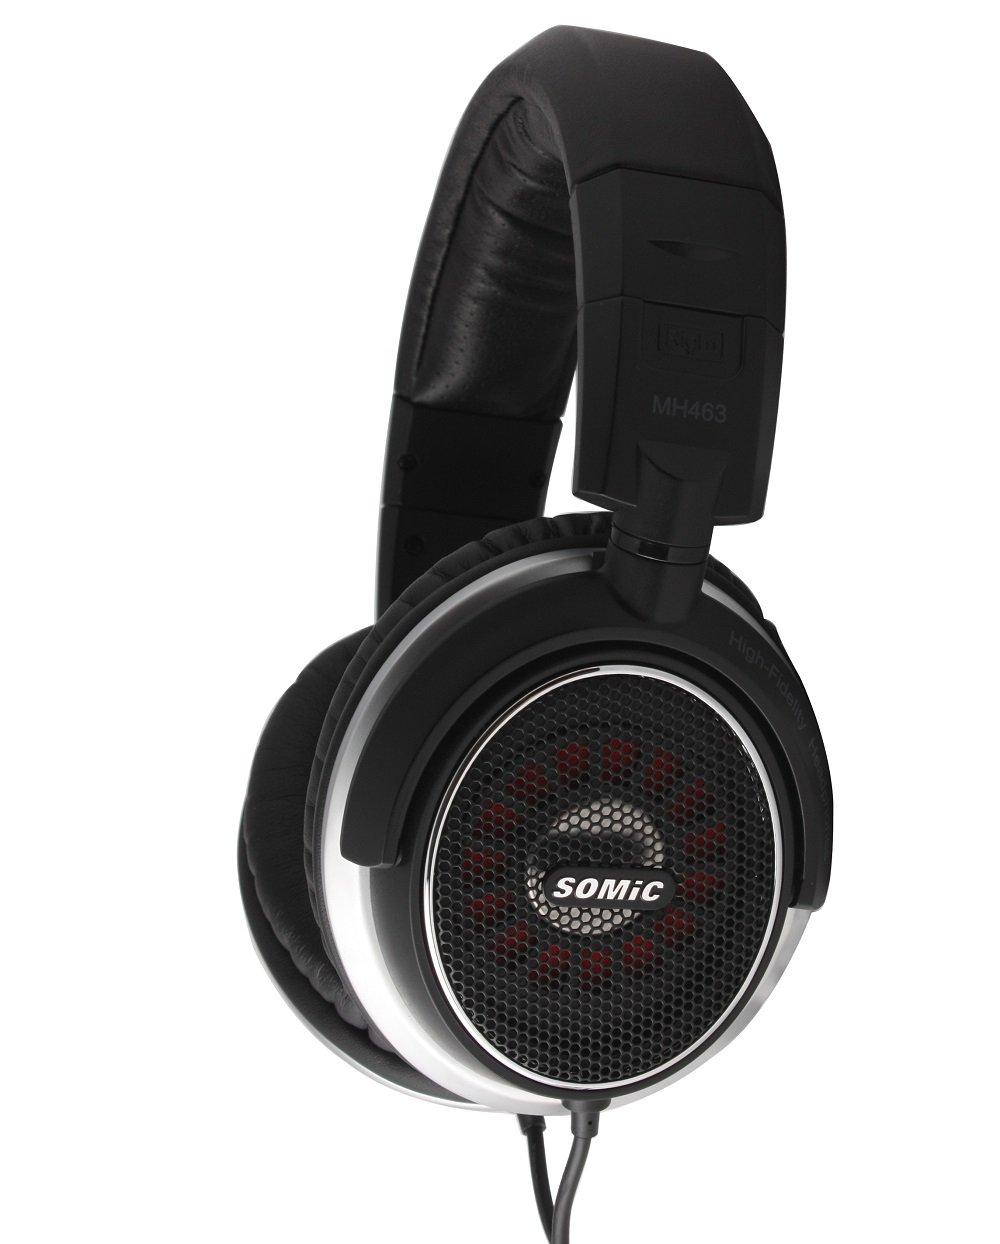 Somic MH463 Studio Headphones